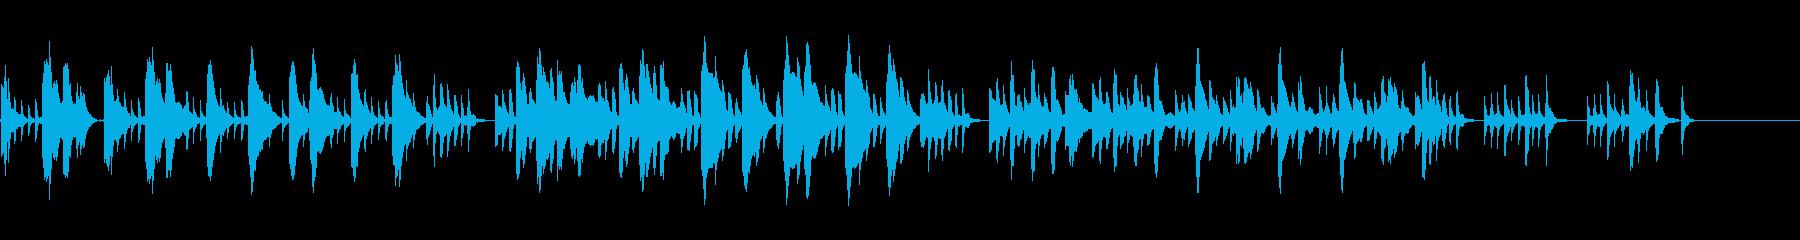 ブルターニュに伝わる歌のハープ曲の再生済みの波形